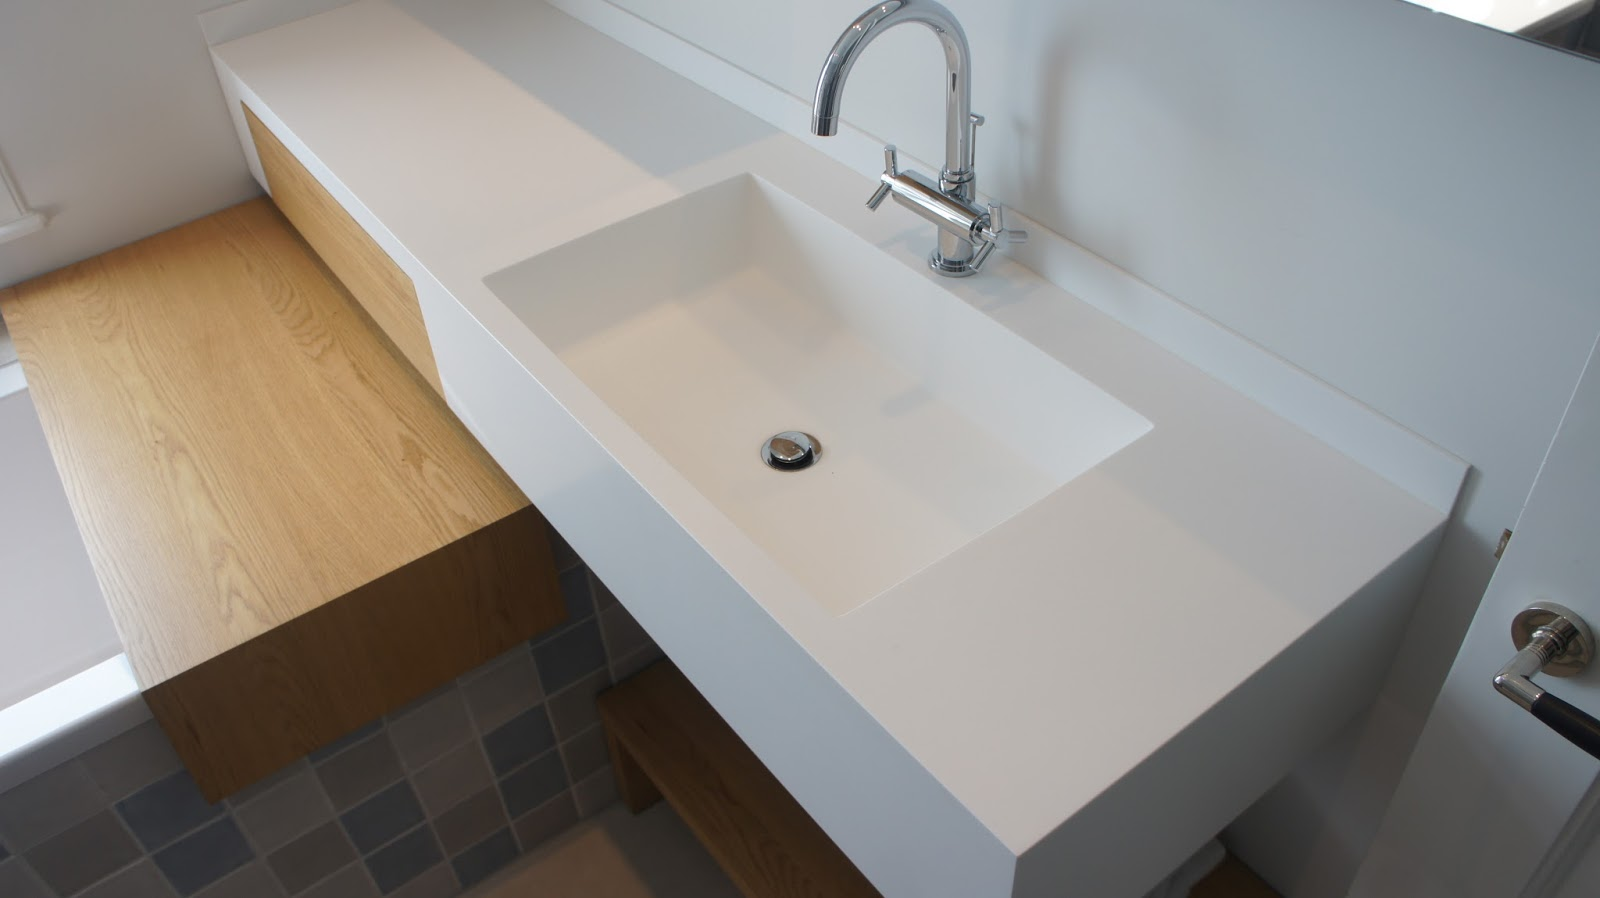 badkamer plank voor wastafel » Goedkope Meubels 2018 | Goedkope Meubels